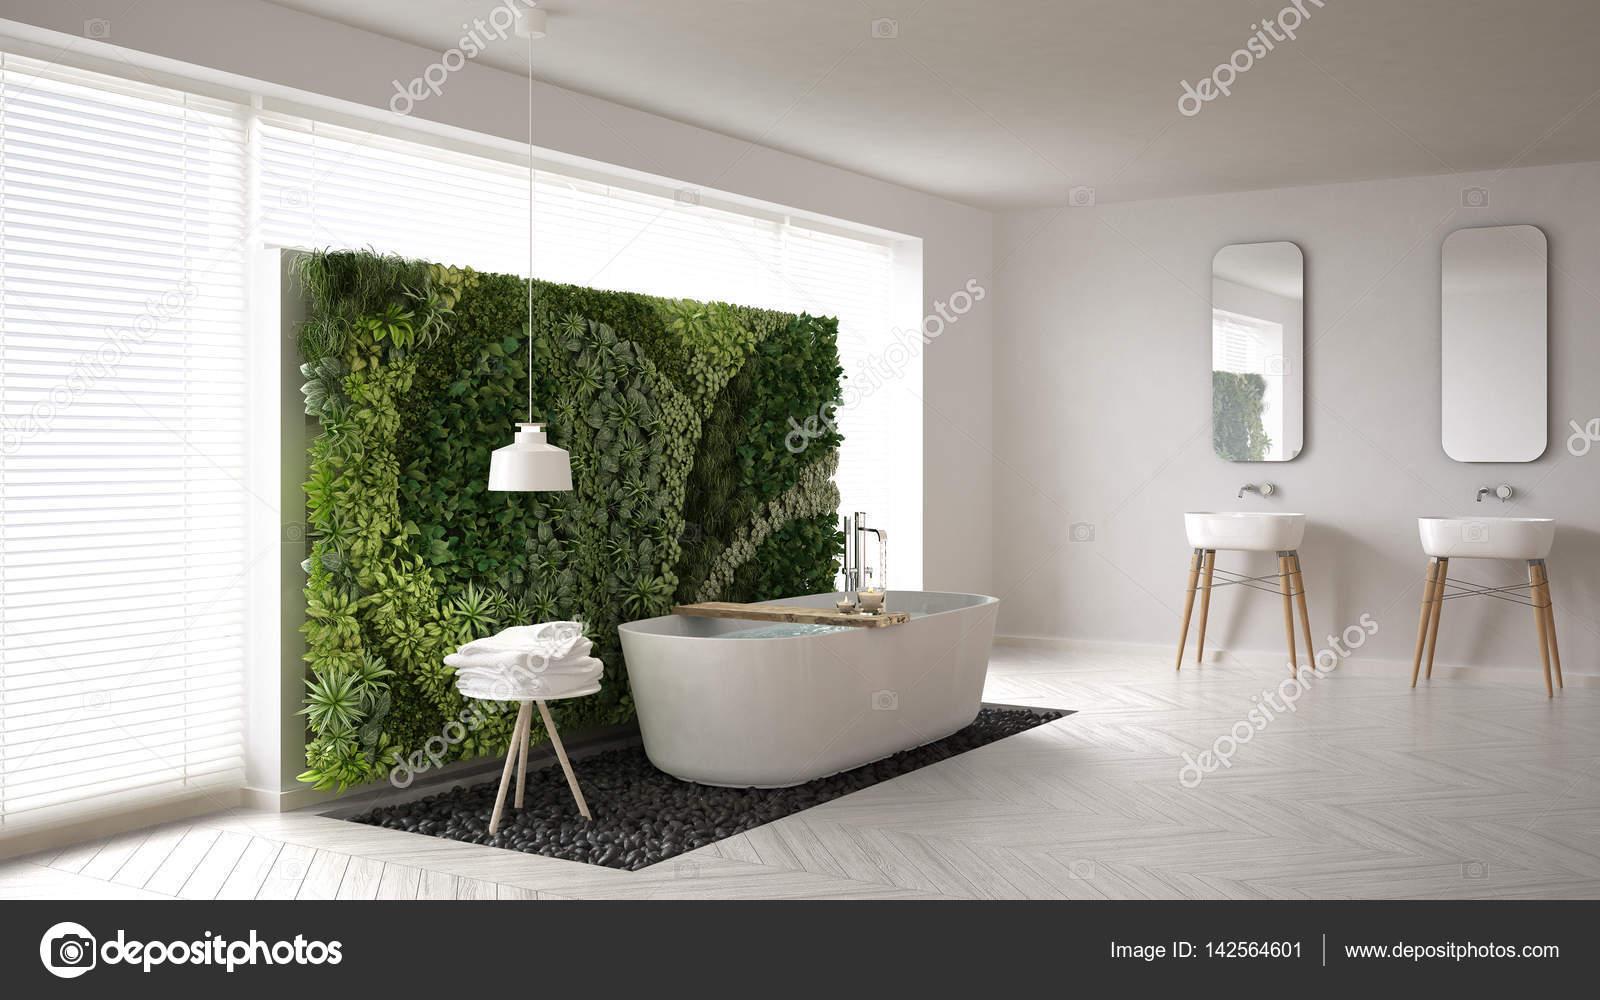 Verticale Tuin Woonkamer : Scandinavische badkamer met verticale tuin wit minimalistische ik